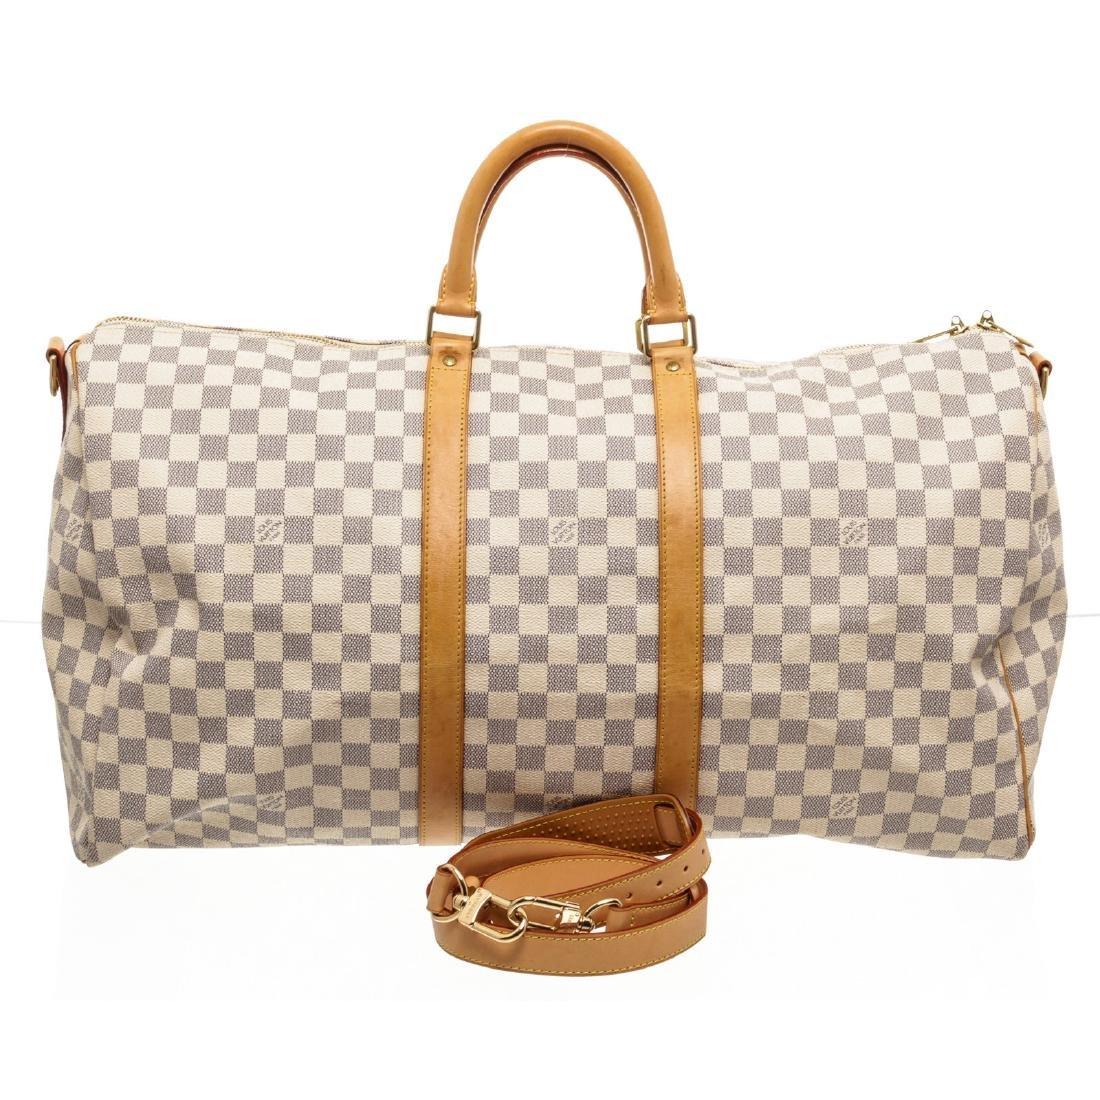 Louis Vuitton Damier Azur Canvas Leather Keepall 55 cm